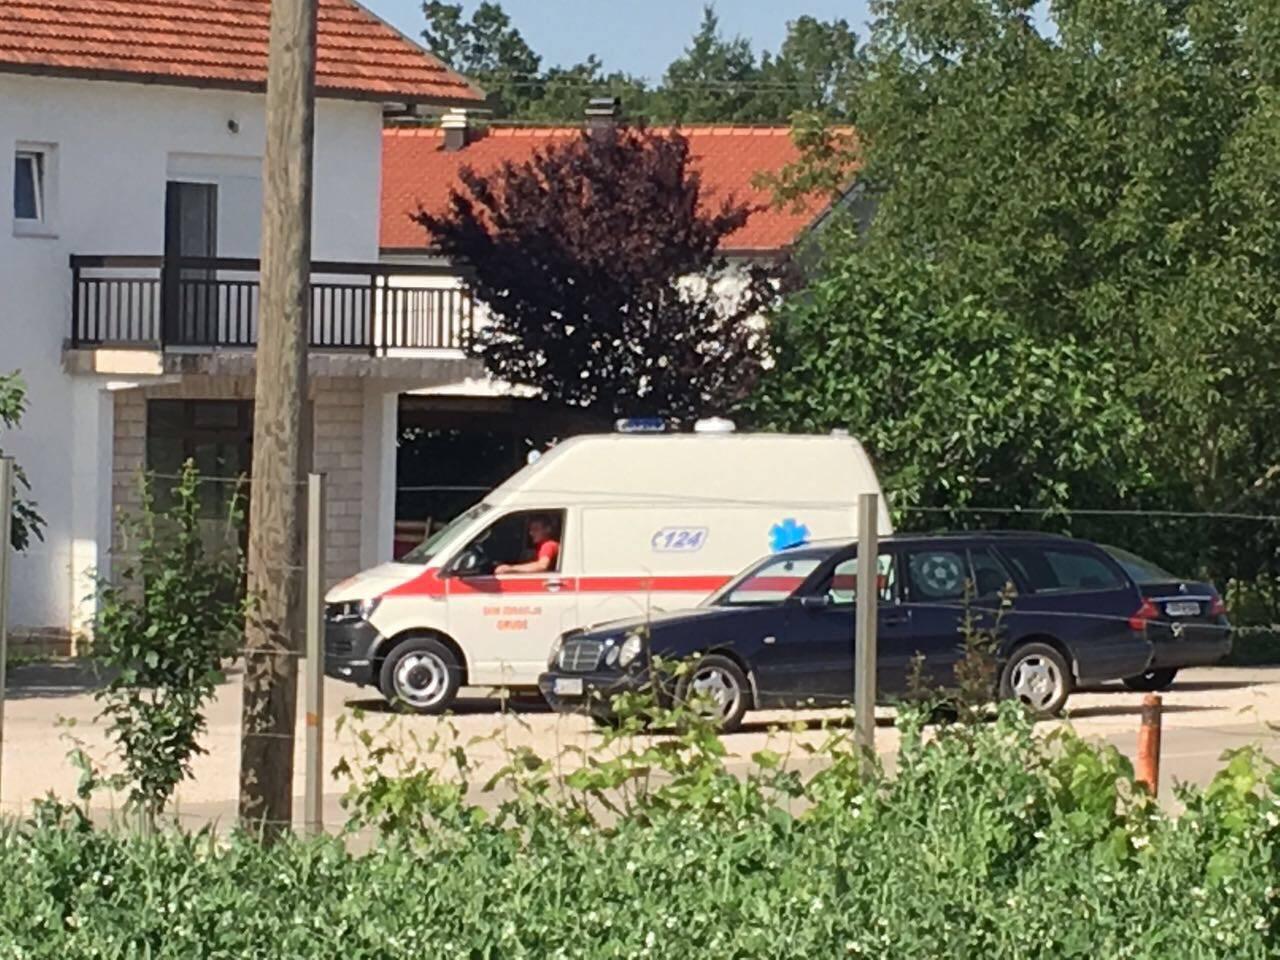 Baš joj se žurilo: Bebu porodio ministar u vozilu Hitne pomoći